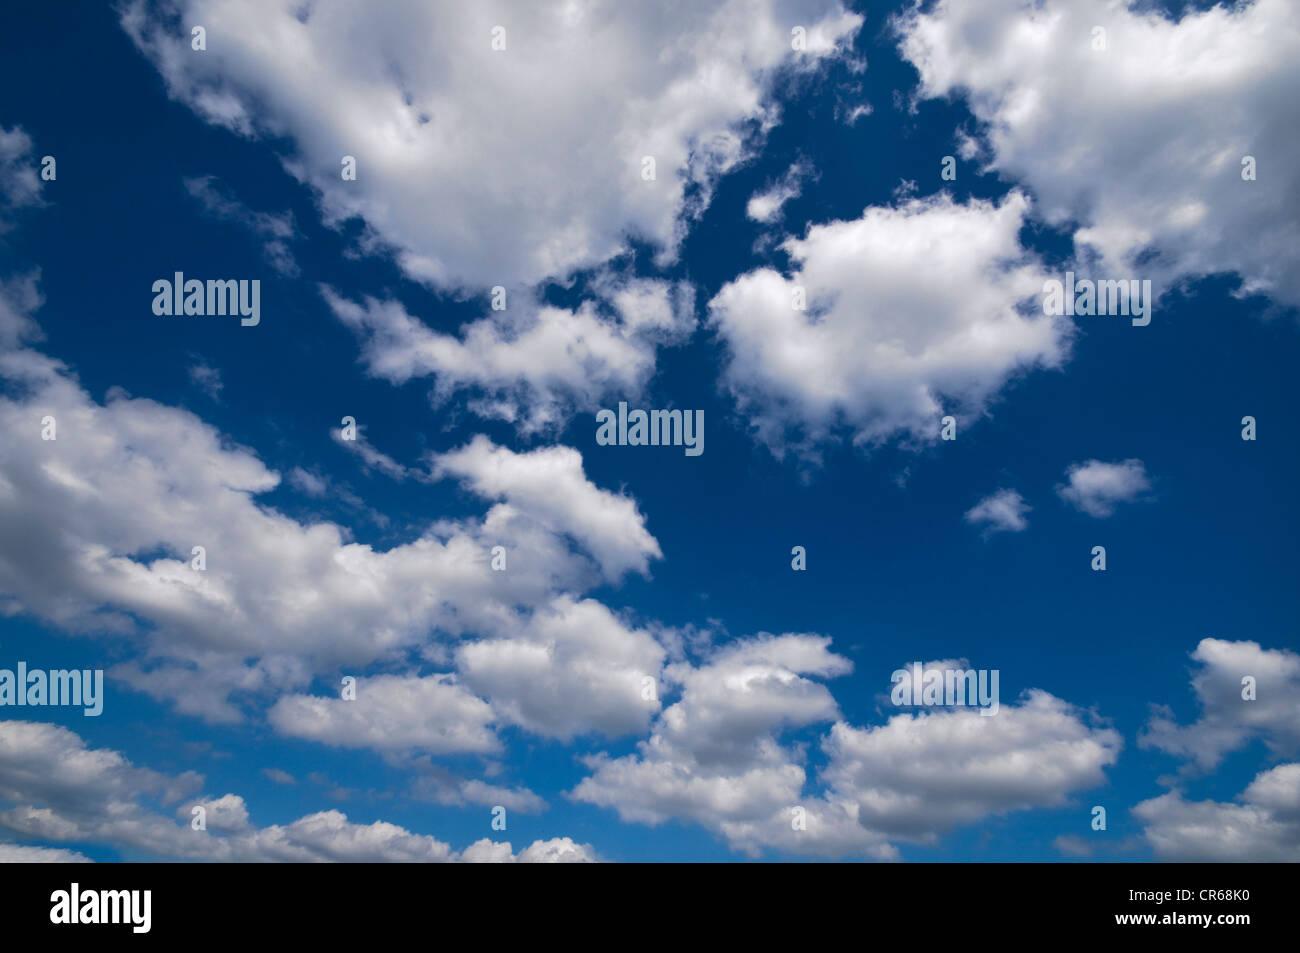 Zahlreichen Cumulus Wolken, blauer Himmel Stockbild